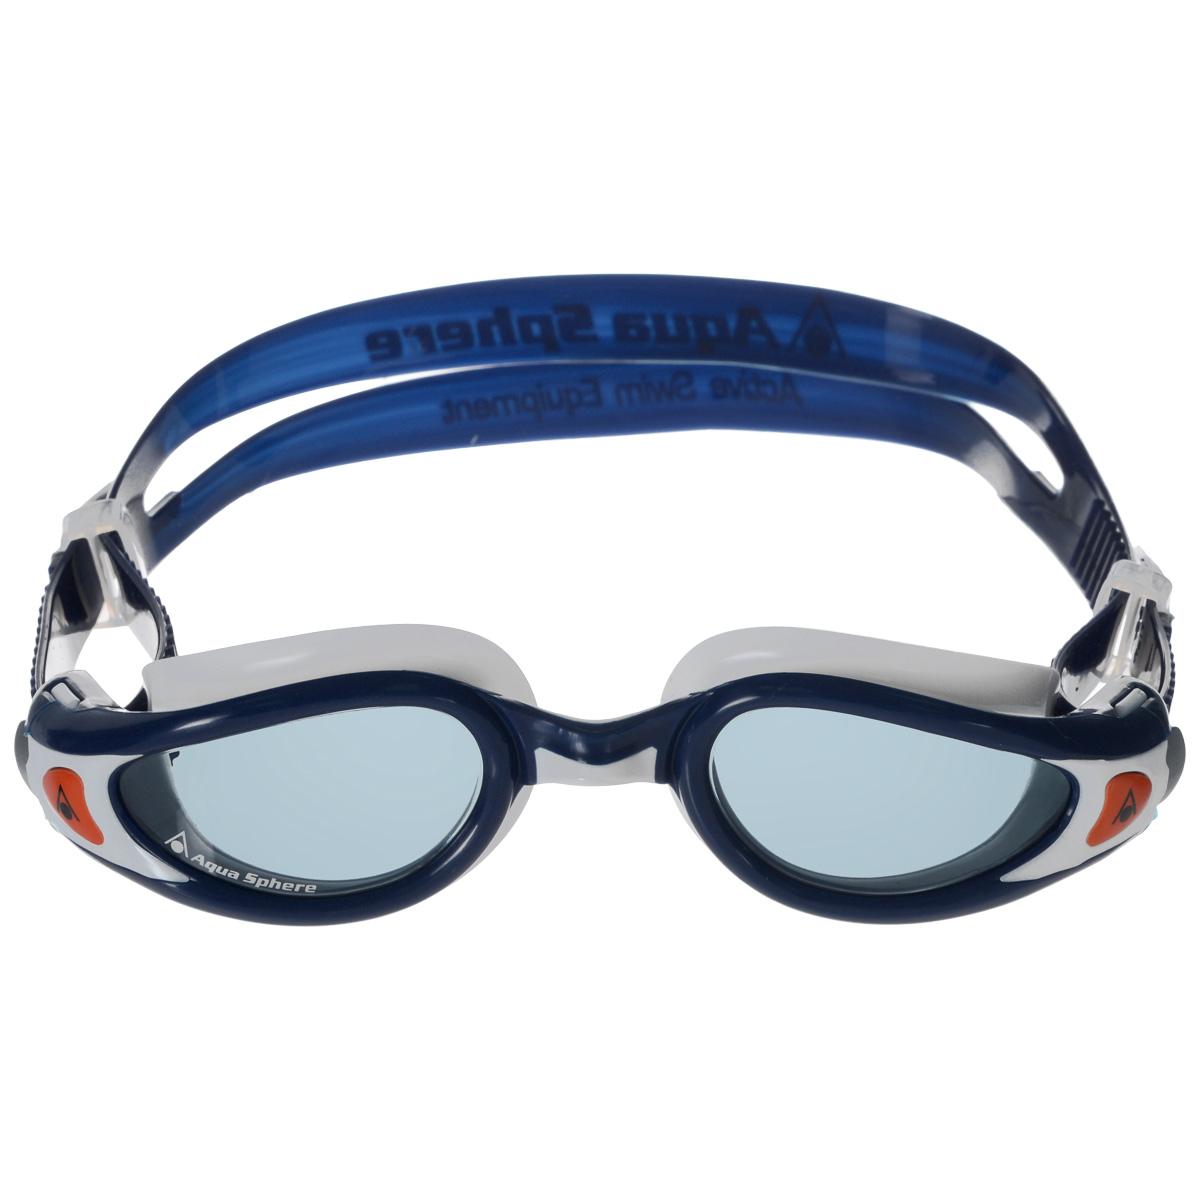 """Модные и стильные очки Aqua Sphere """"Kaiman Exo"""" идеально подходят для плавания в бассейне или открытой воде. Особая технология изогнутых линз позволяет обеспечить превосходный обзор в 180°, не искажая при этом изображение. Очки дают 100% защиту от ультрафиолетового излучения. Специальное покрытие препятствует запотеванию стекол. Новая технология каркаса EXO-core bi-material обеспечивает максимальную стабильность и комфорт.Материал: софтерил, plexisol."""